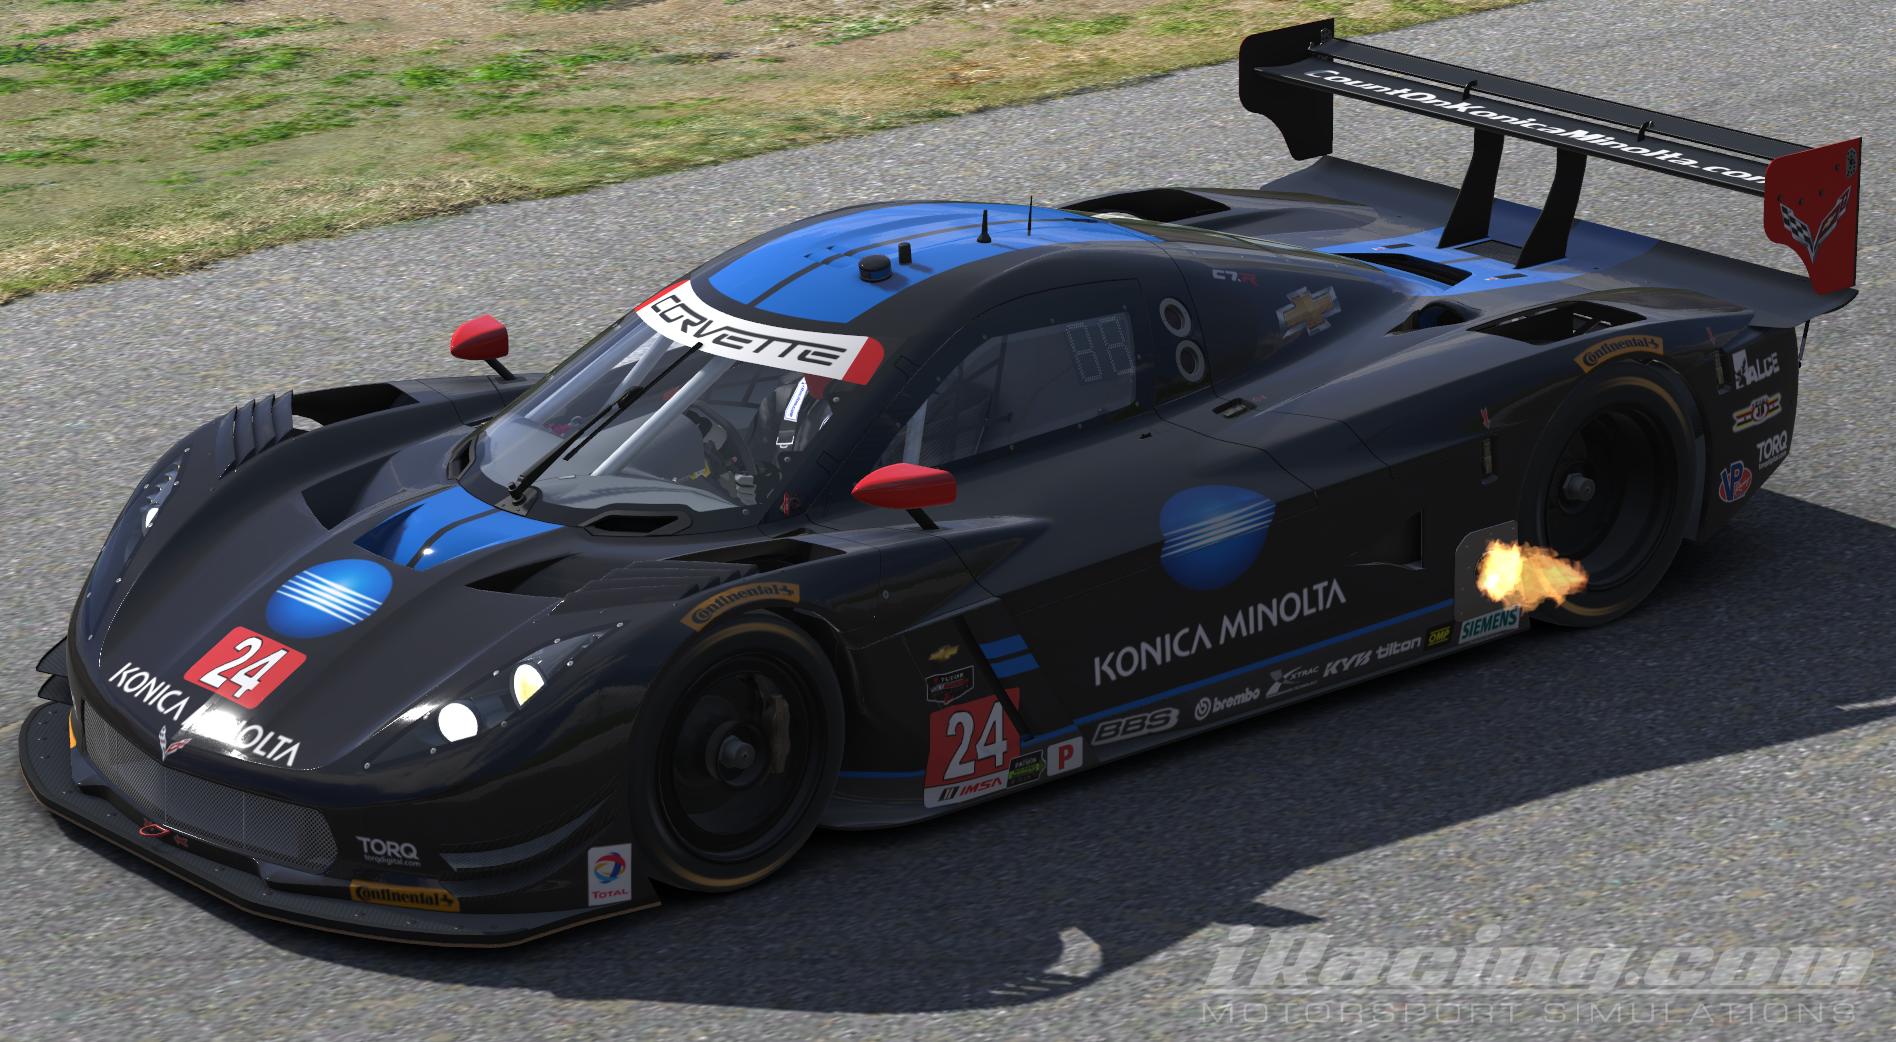 The No. 10 Konica Minolta Corvette DP for Wayne Taylor